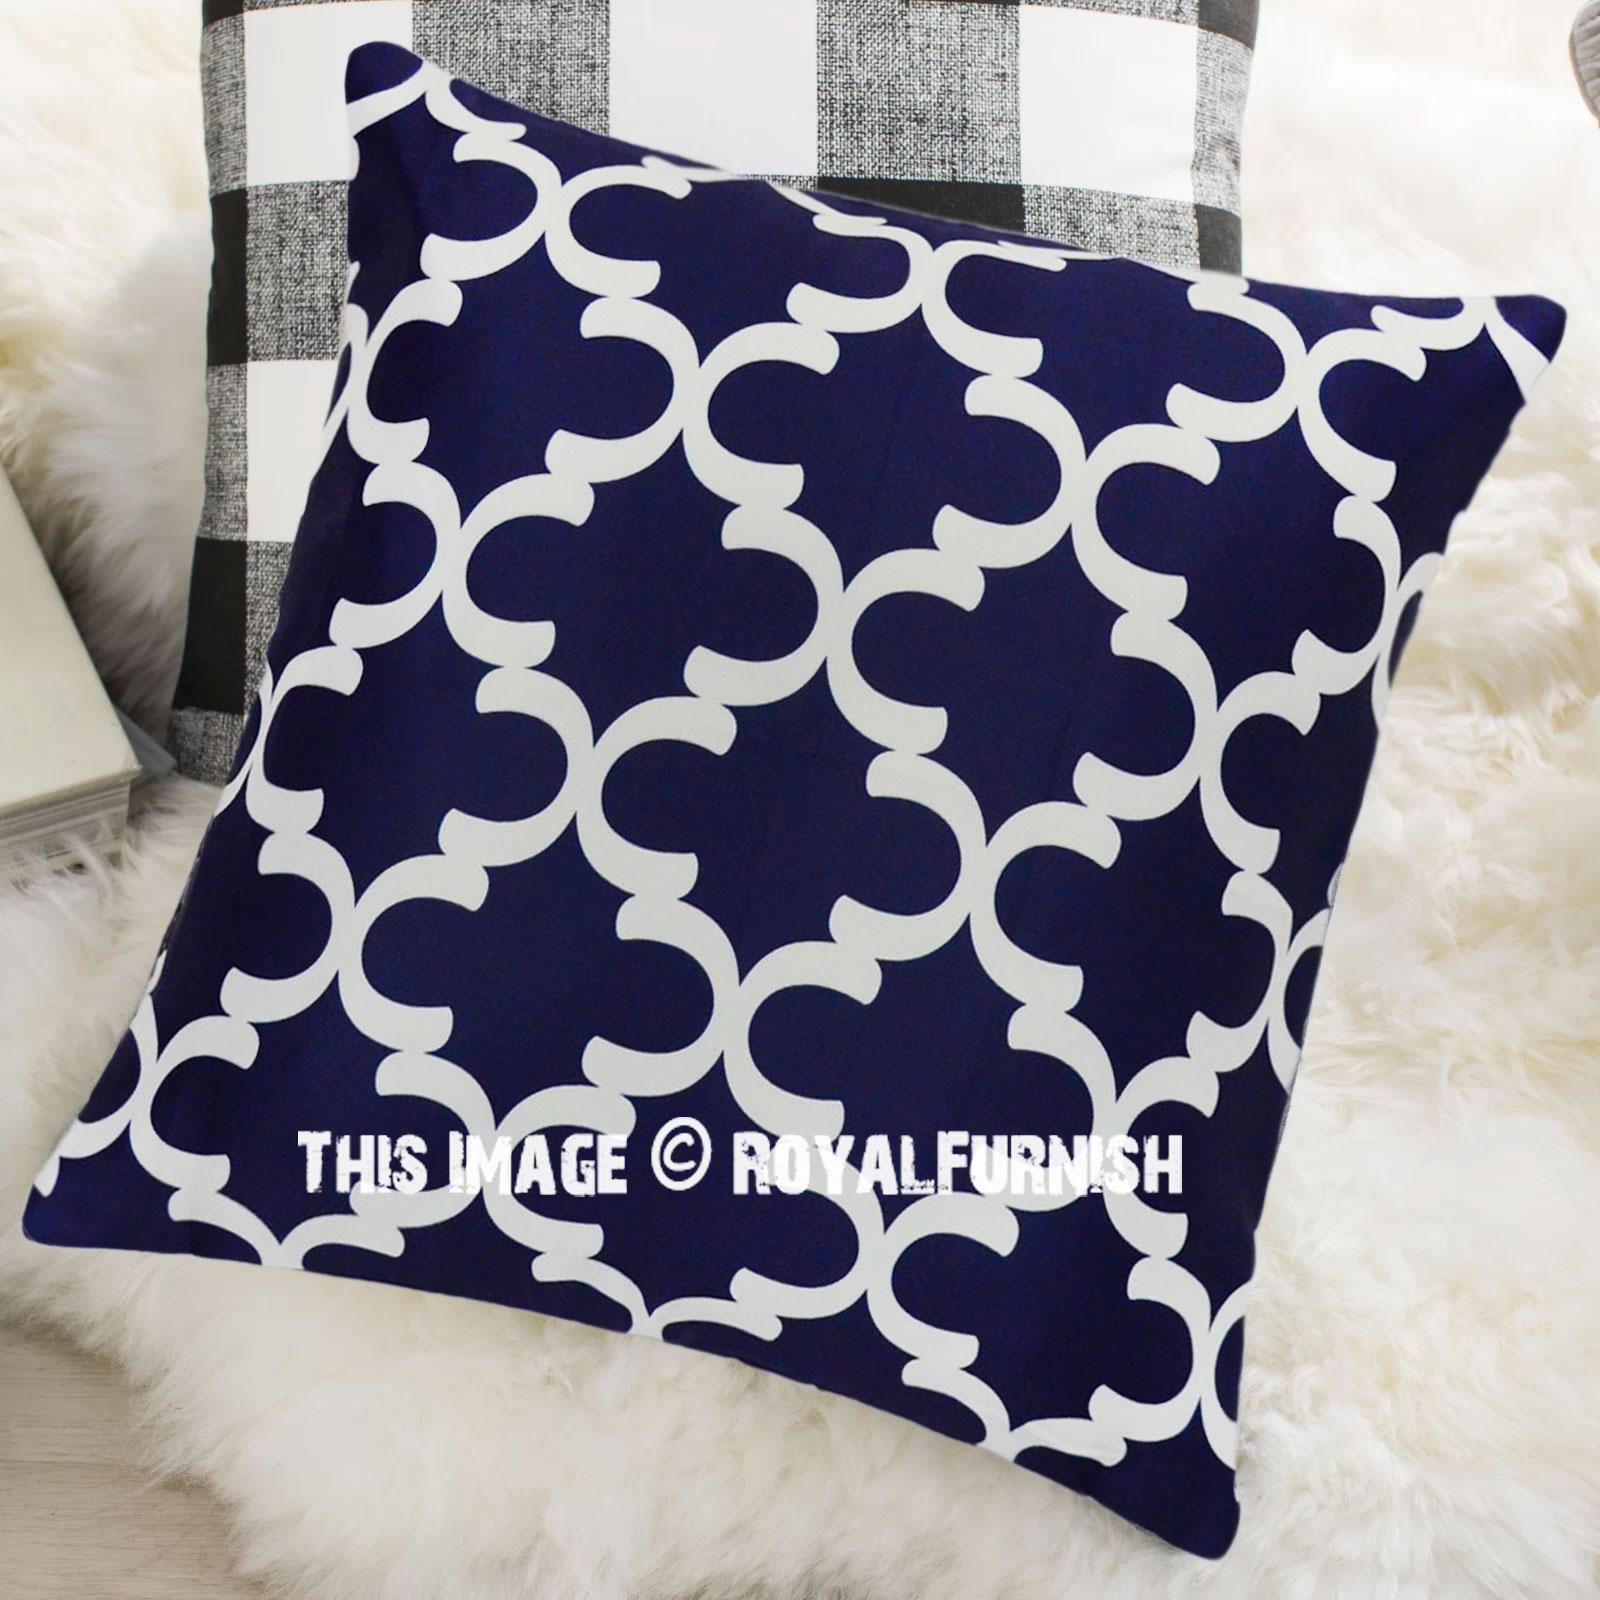 Blue Amp White Quatrefoil Canvas Decorative Throw Pillow